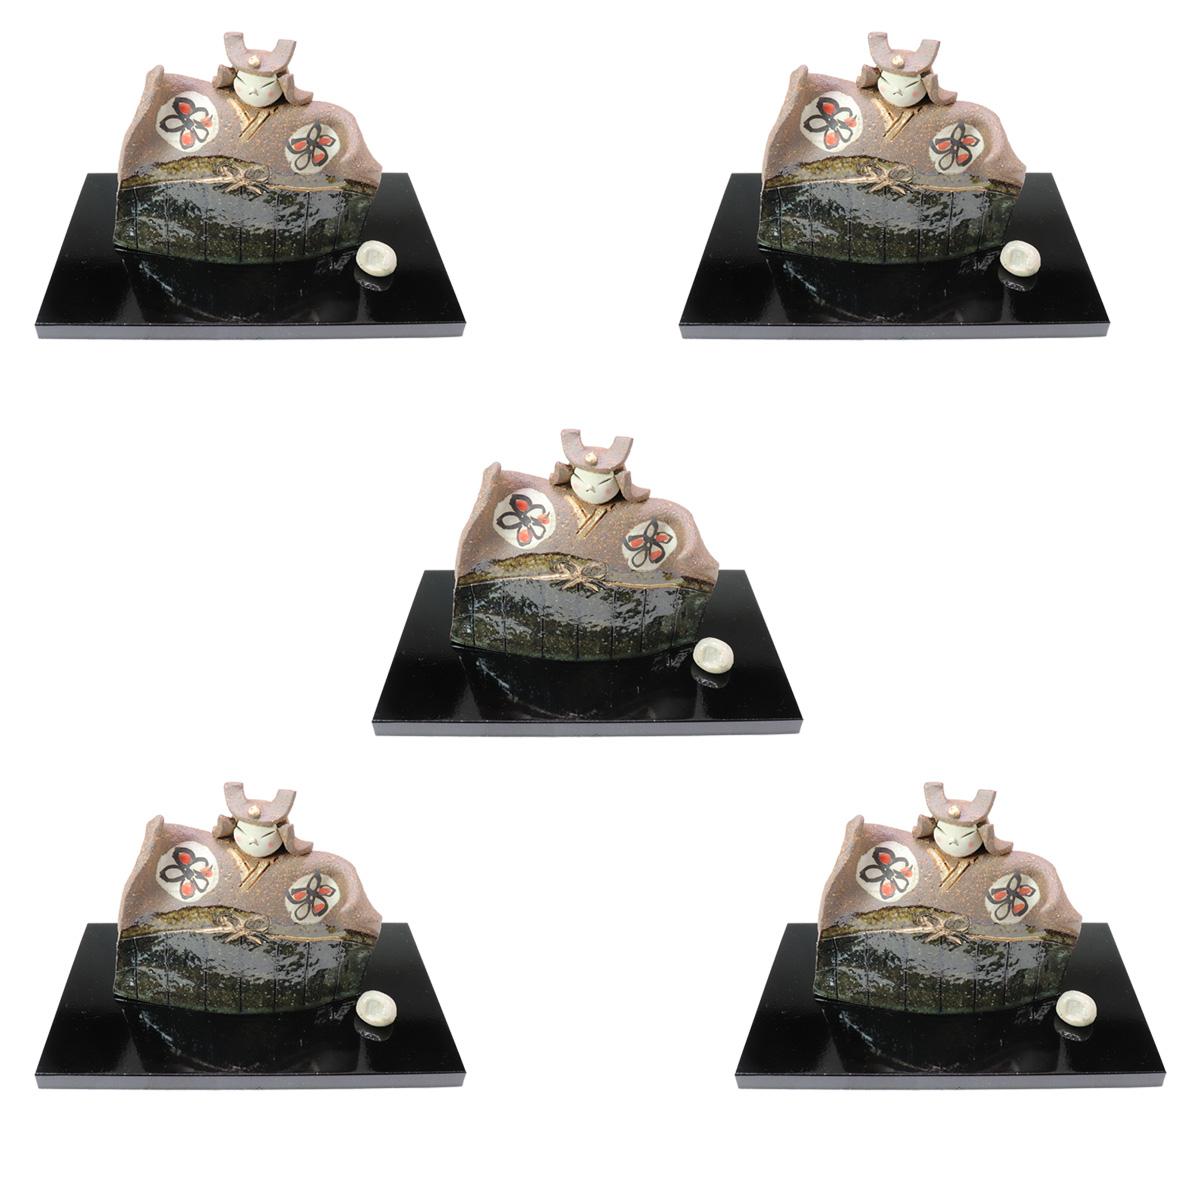 5個セット☆ 縁起の福飾り ☆ たたら武者人形 黒塗板付(化) [ 100mm ] 【五月人形 男の子 縁起物 置物 端午の節句 こどもの日 贈り物 】